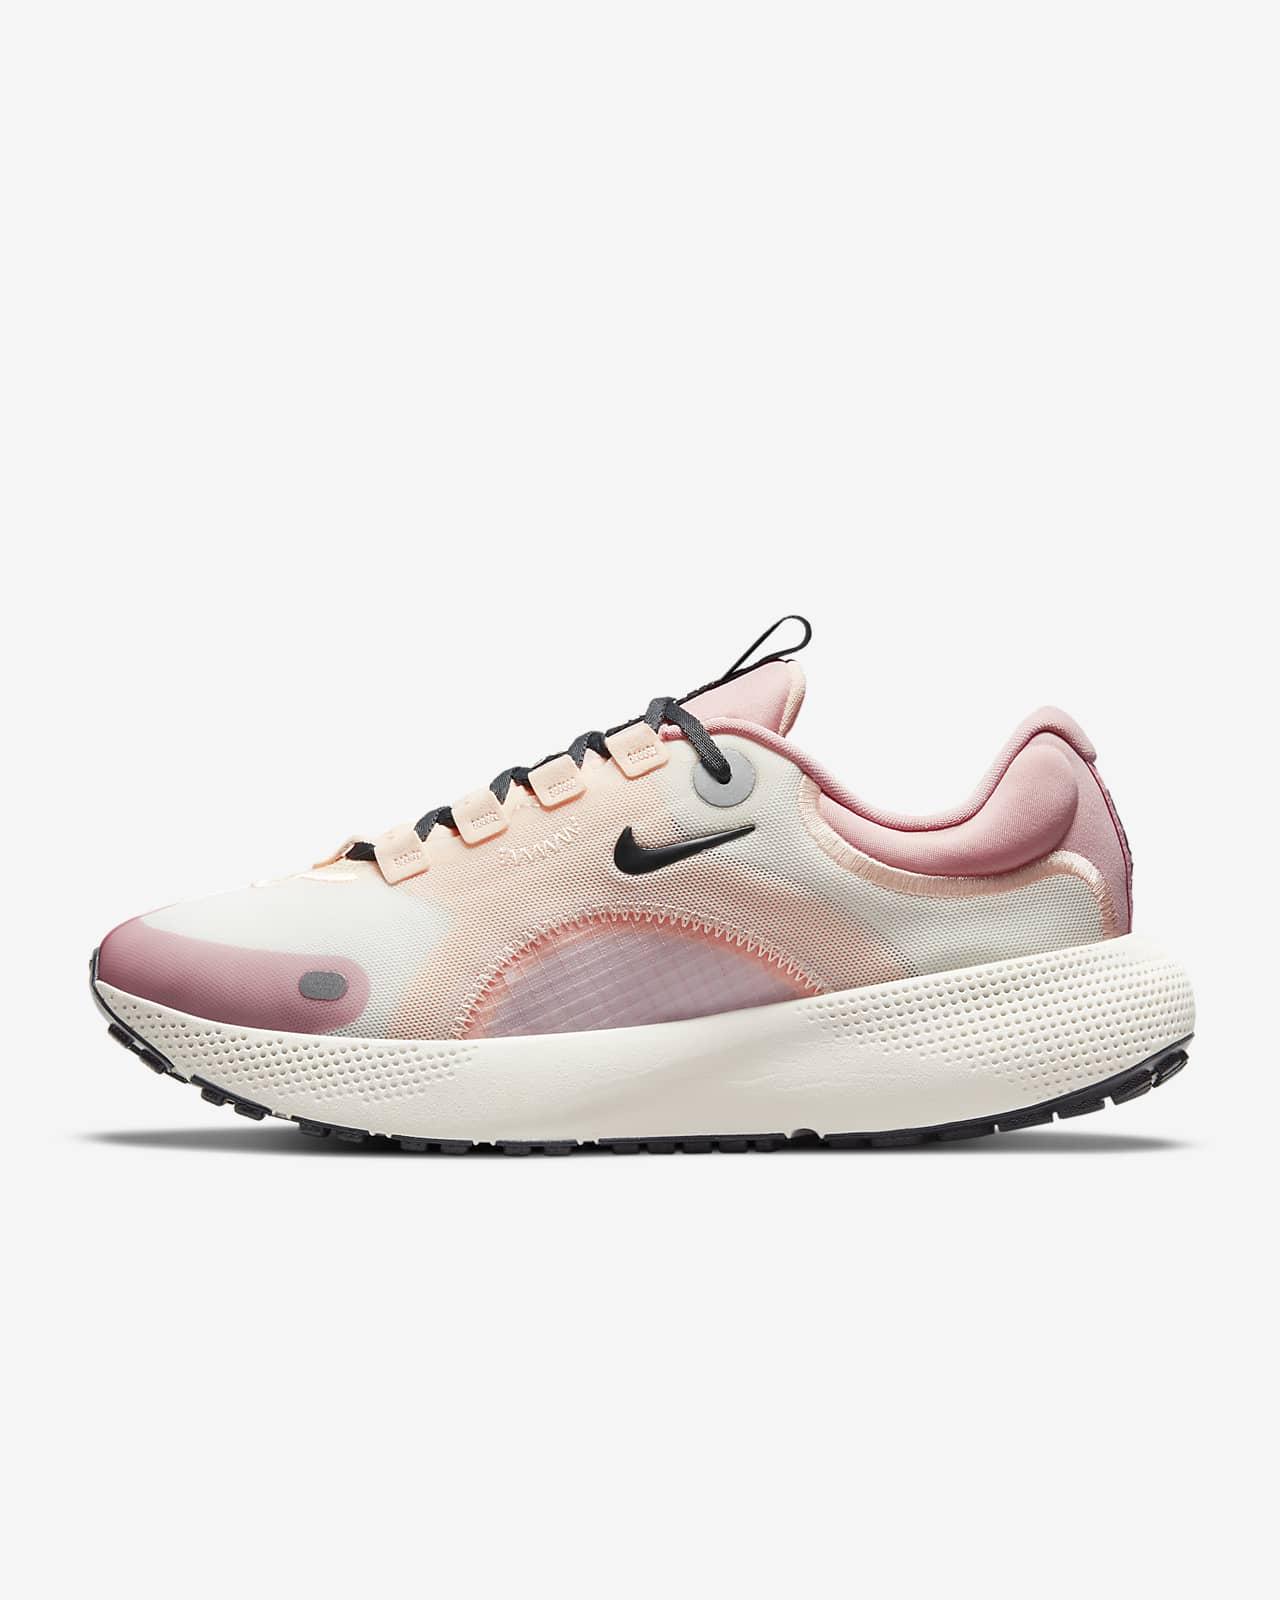 Chaussures de running Nike React Escape Run pour Femme